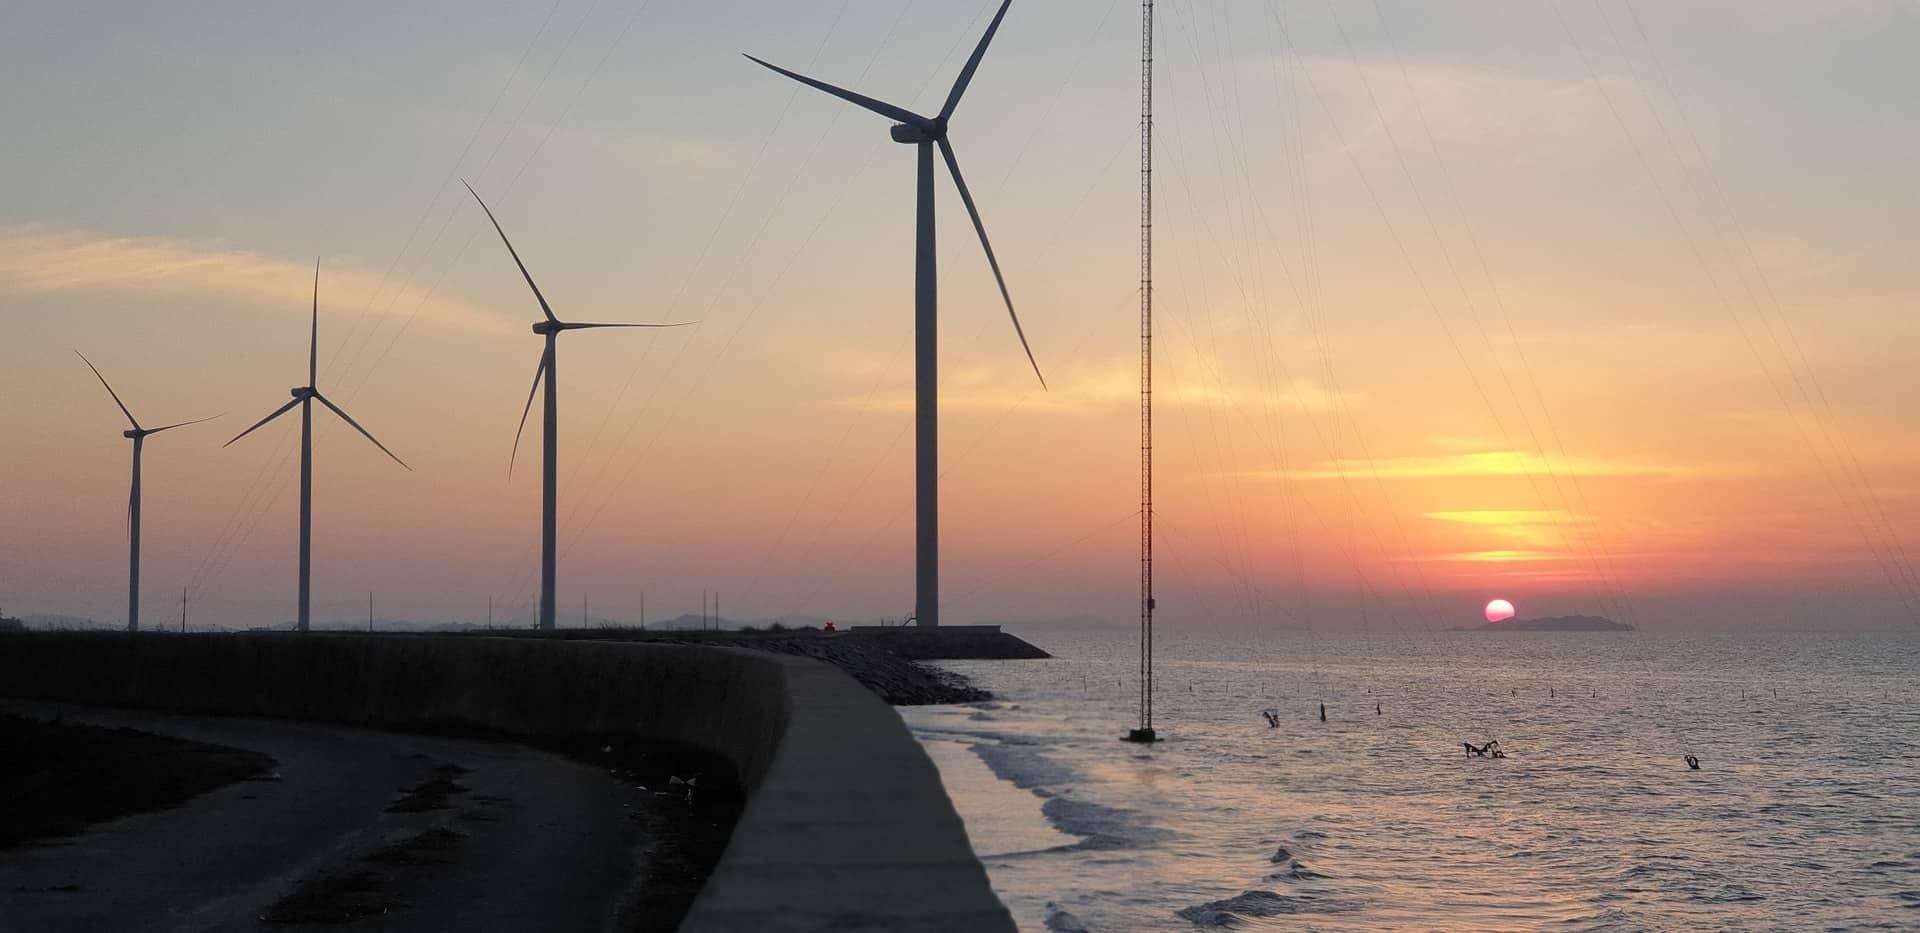 La eolica europea ha crecido un 70% en inversion en 2020